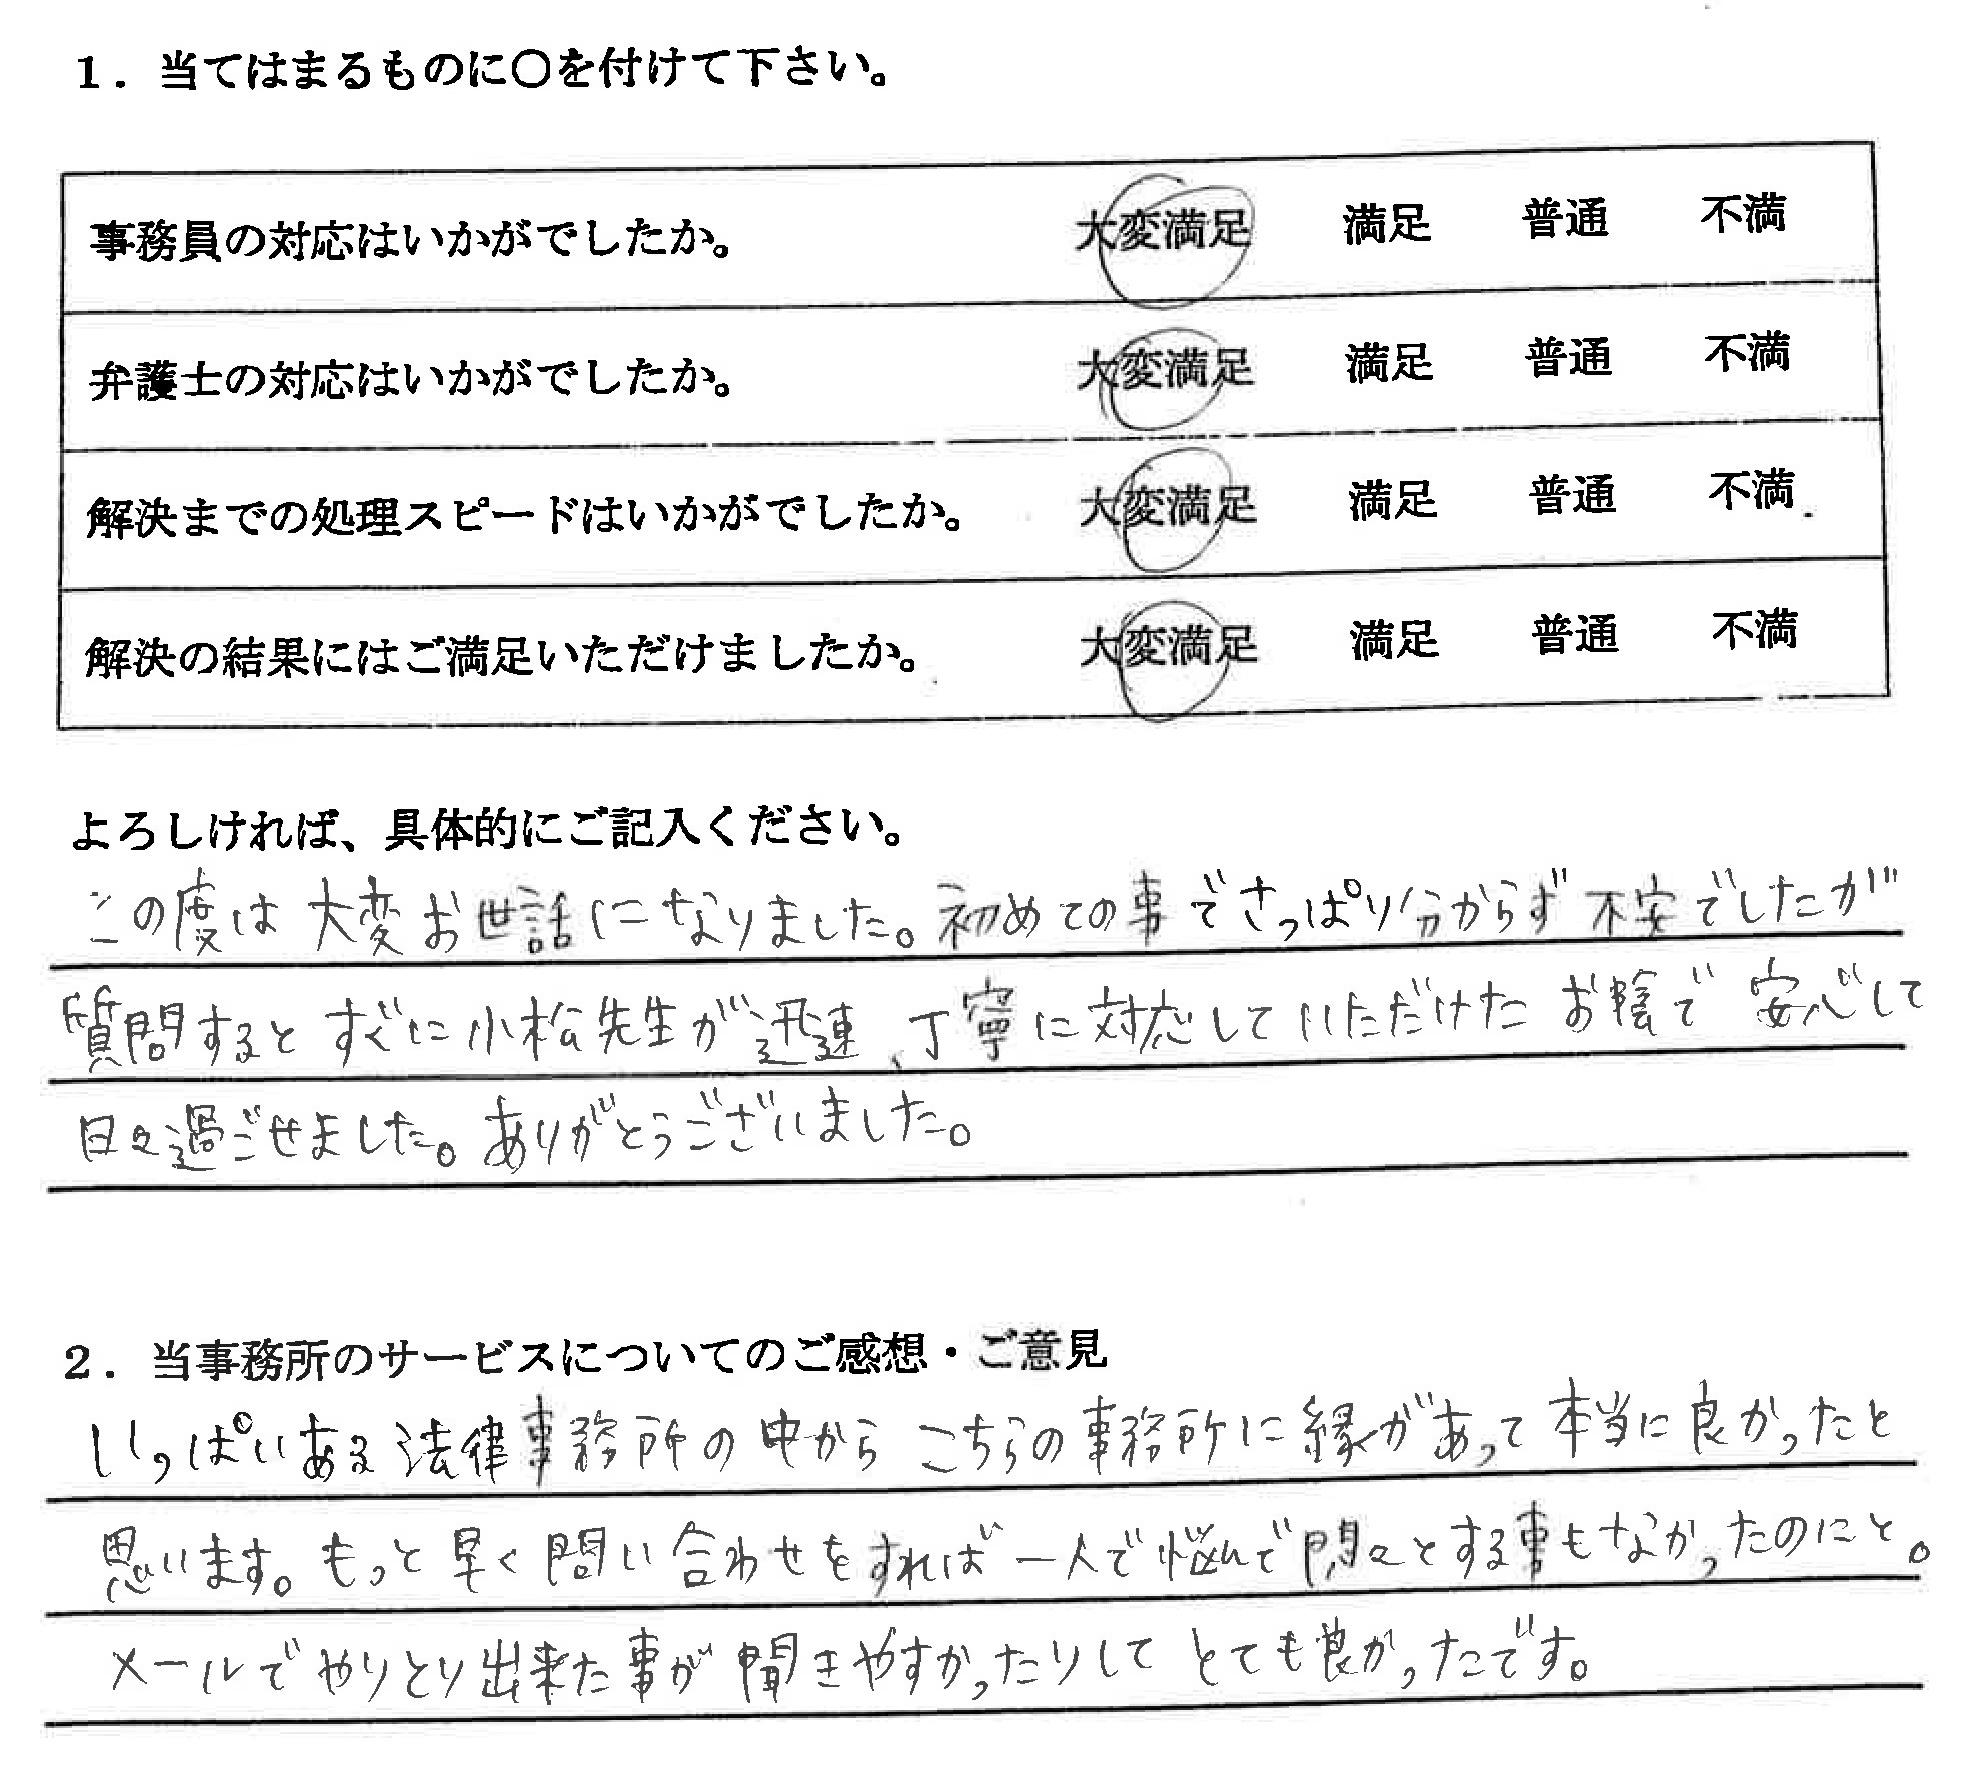 名古屋市女性の依頼者様の声 : いっぱいある法律事務所の中からこちらの事務所に縁があって本当に良かったと思います。もっと早く問い合わせをすれば一人で悩んで悶々とする事もなかったのにと。メールでやりとり出来たことが事が聞きやすかったりしてとても良かったです。